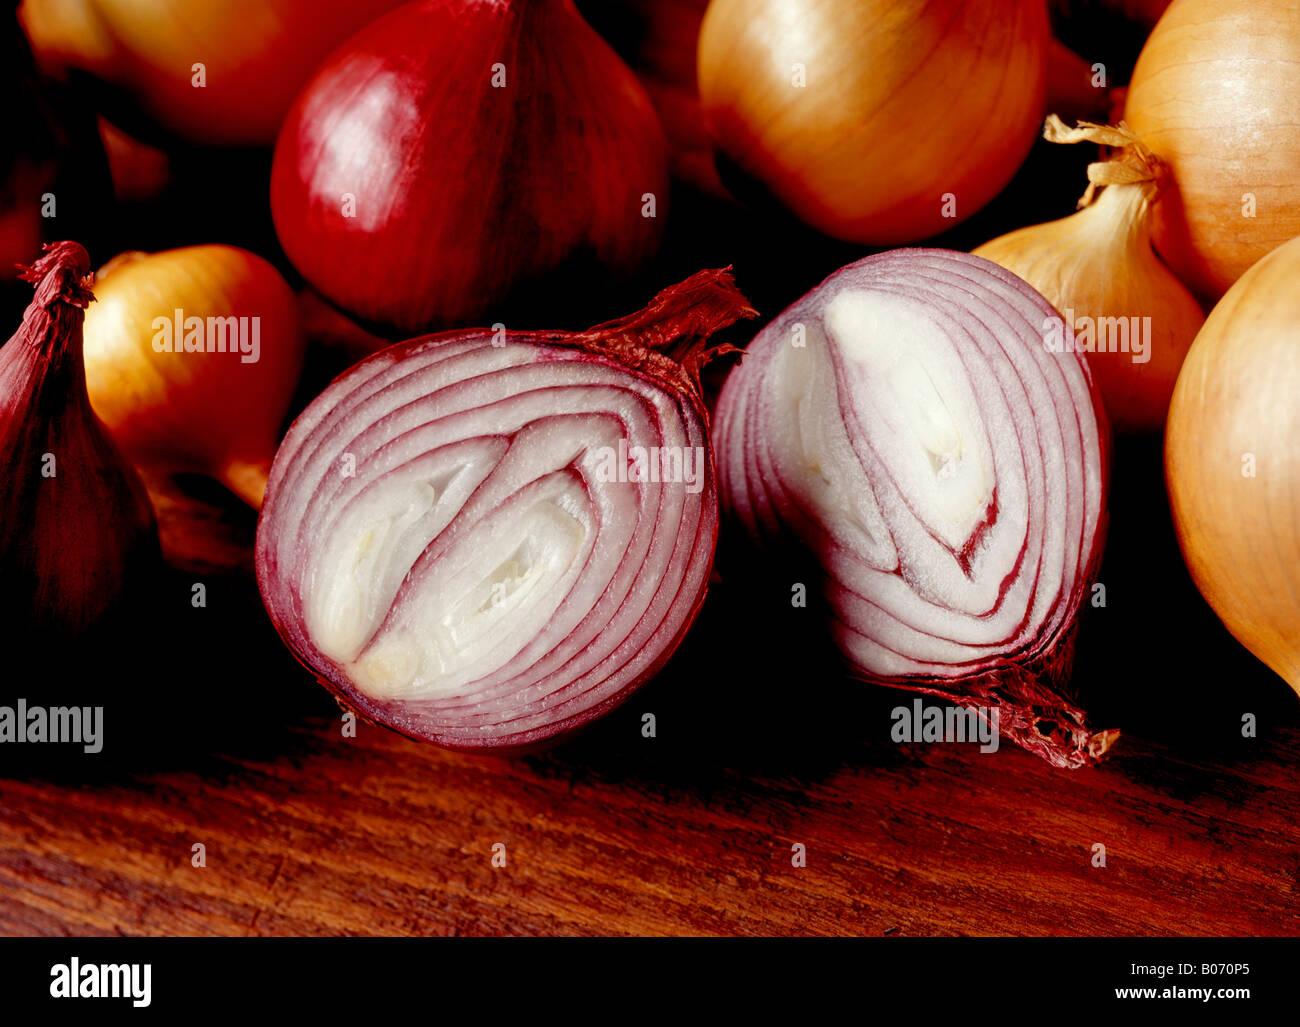 Cortar la cebolla roja rodeada por entero las cebollas rojas y blancas sobre una superficie de madera Imagen De Stock